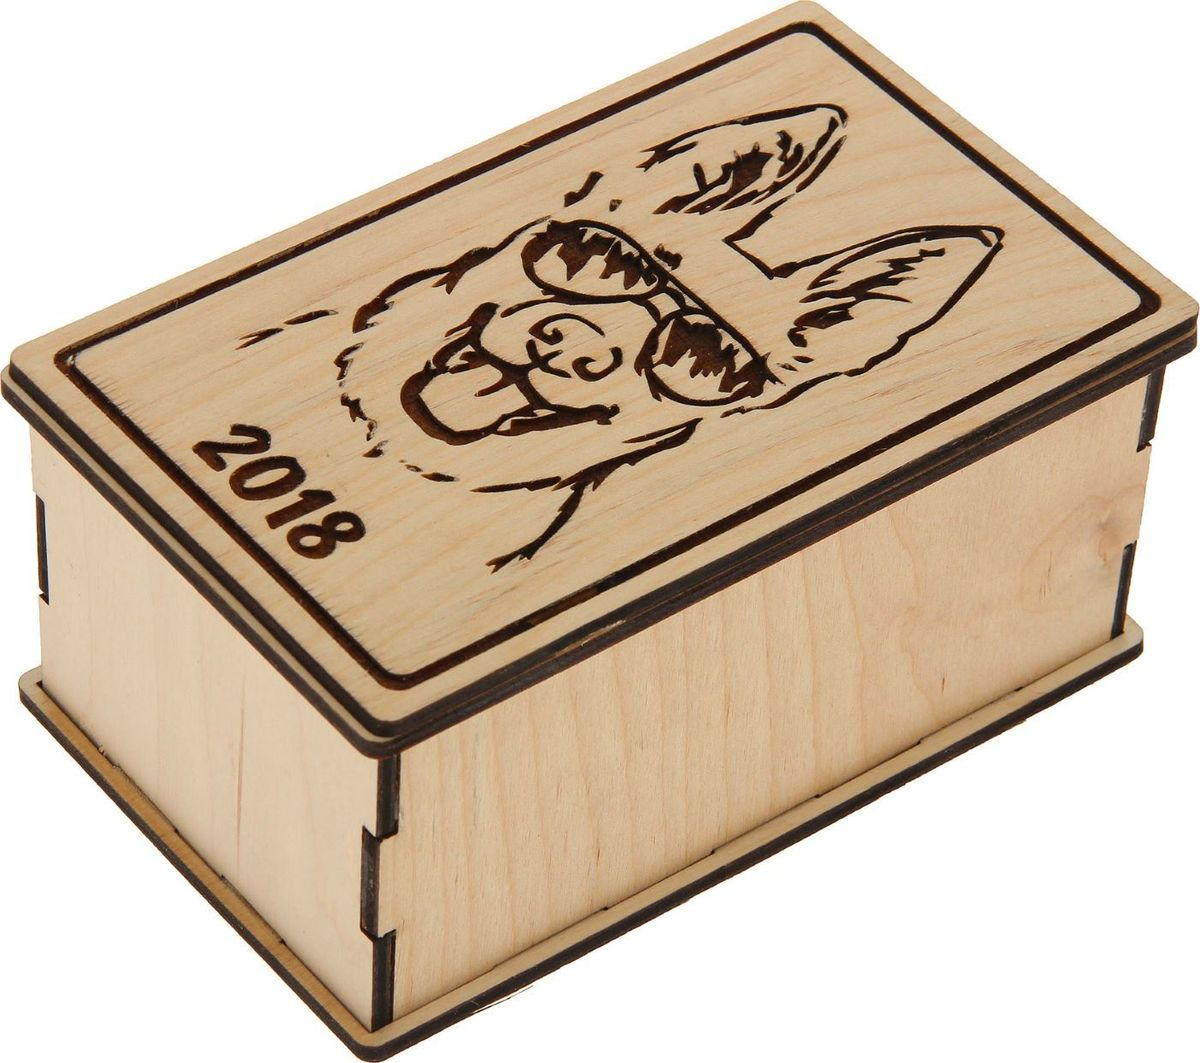 Шкатулка Канышевы 2018, цвет: бежевый, 15 х 8,5 х 7 см2482758Шкатулка - это небольшой сувенир, а также оригинальная упаковка подарка. Она дополнит интерьер спальни, гостиной или прихожей. Изделие предназначено для хранения украшений: колец, браслетов, часов, цепочек, колье, сережек и прочих предметов.